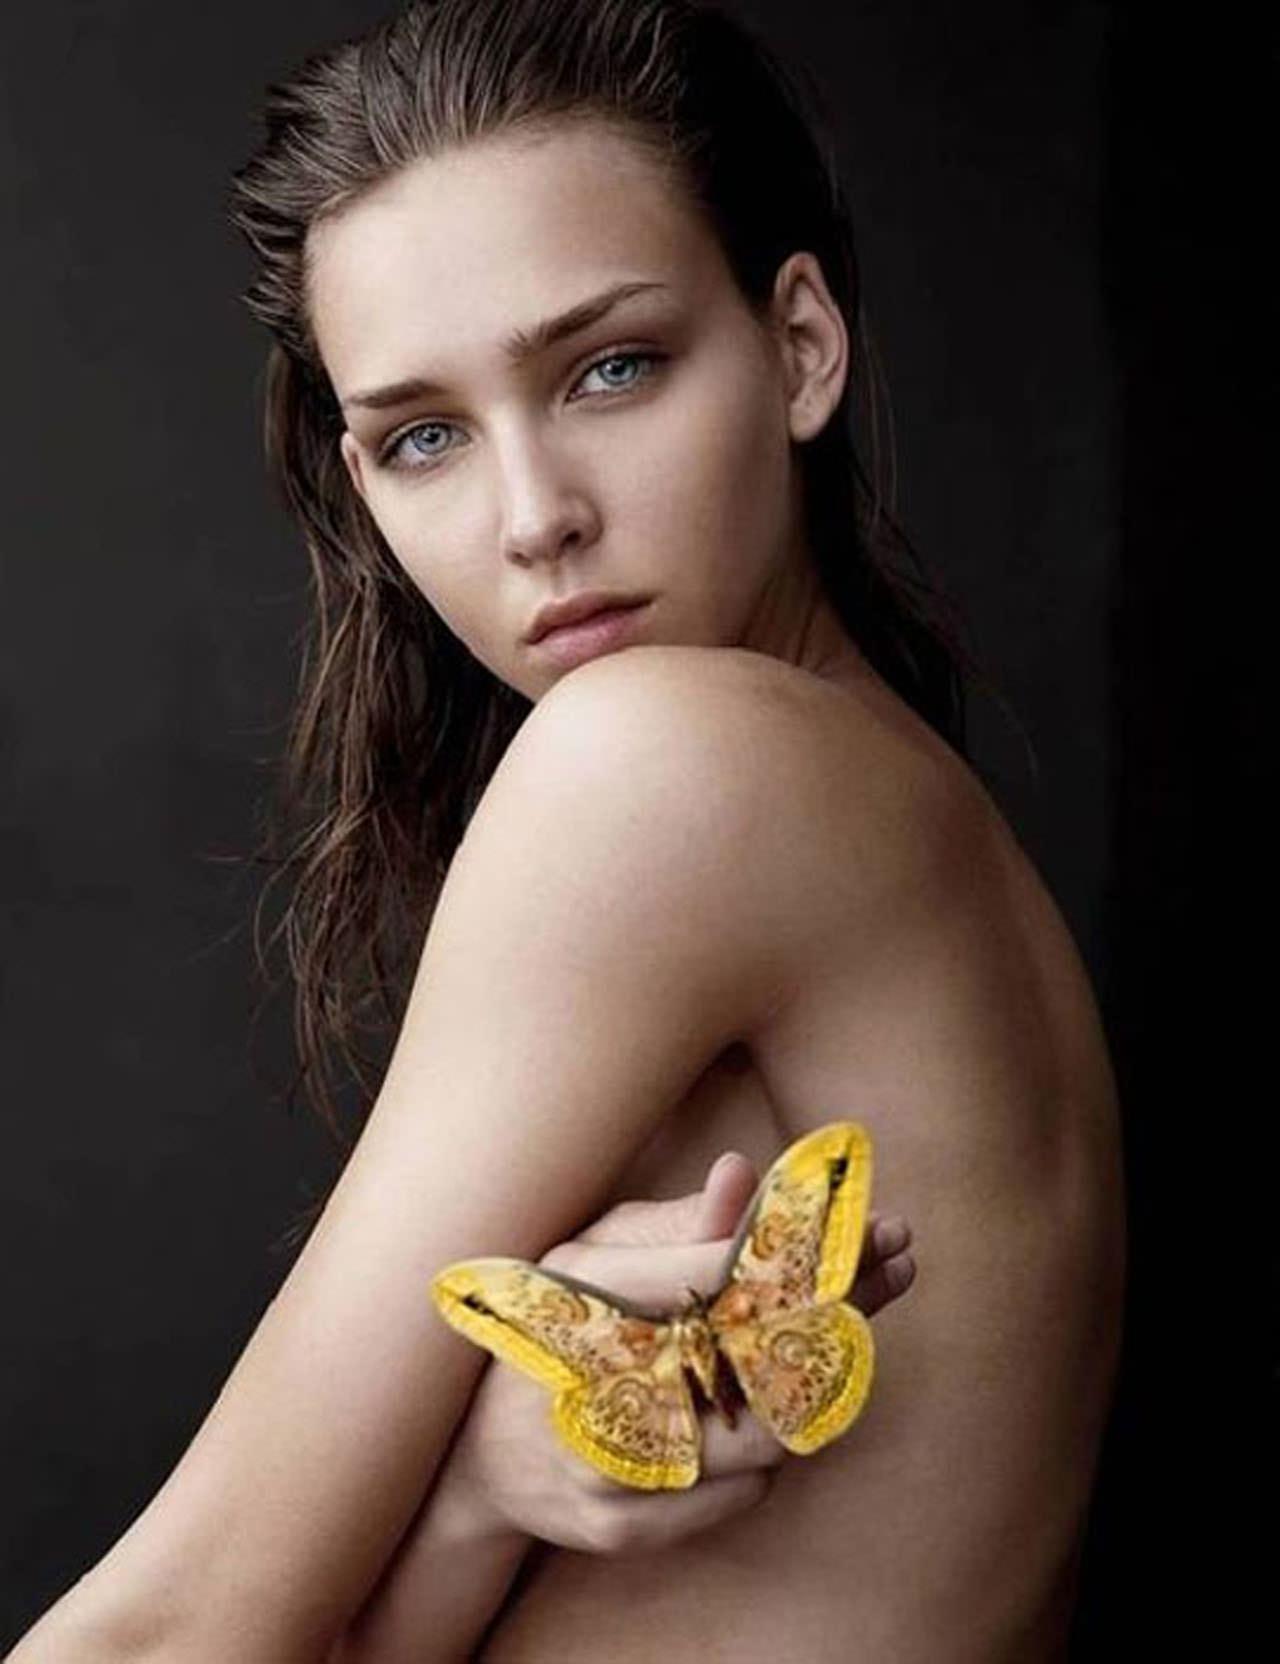 【外人】あどけなさが残るシアトル出身レイチェル・クック(Rachel Cook)のセミヌードポルノ画像 6208